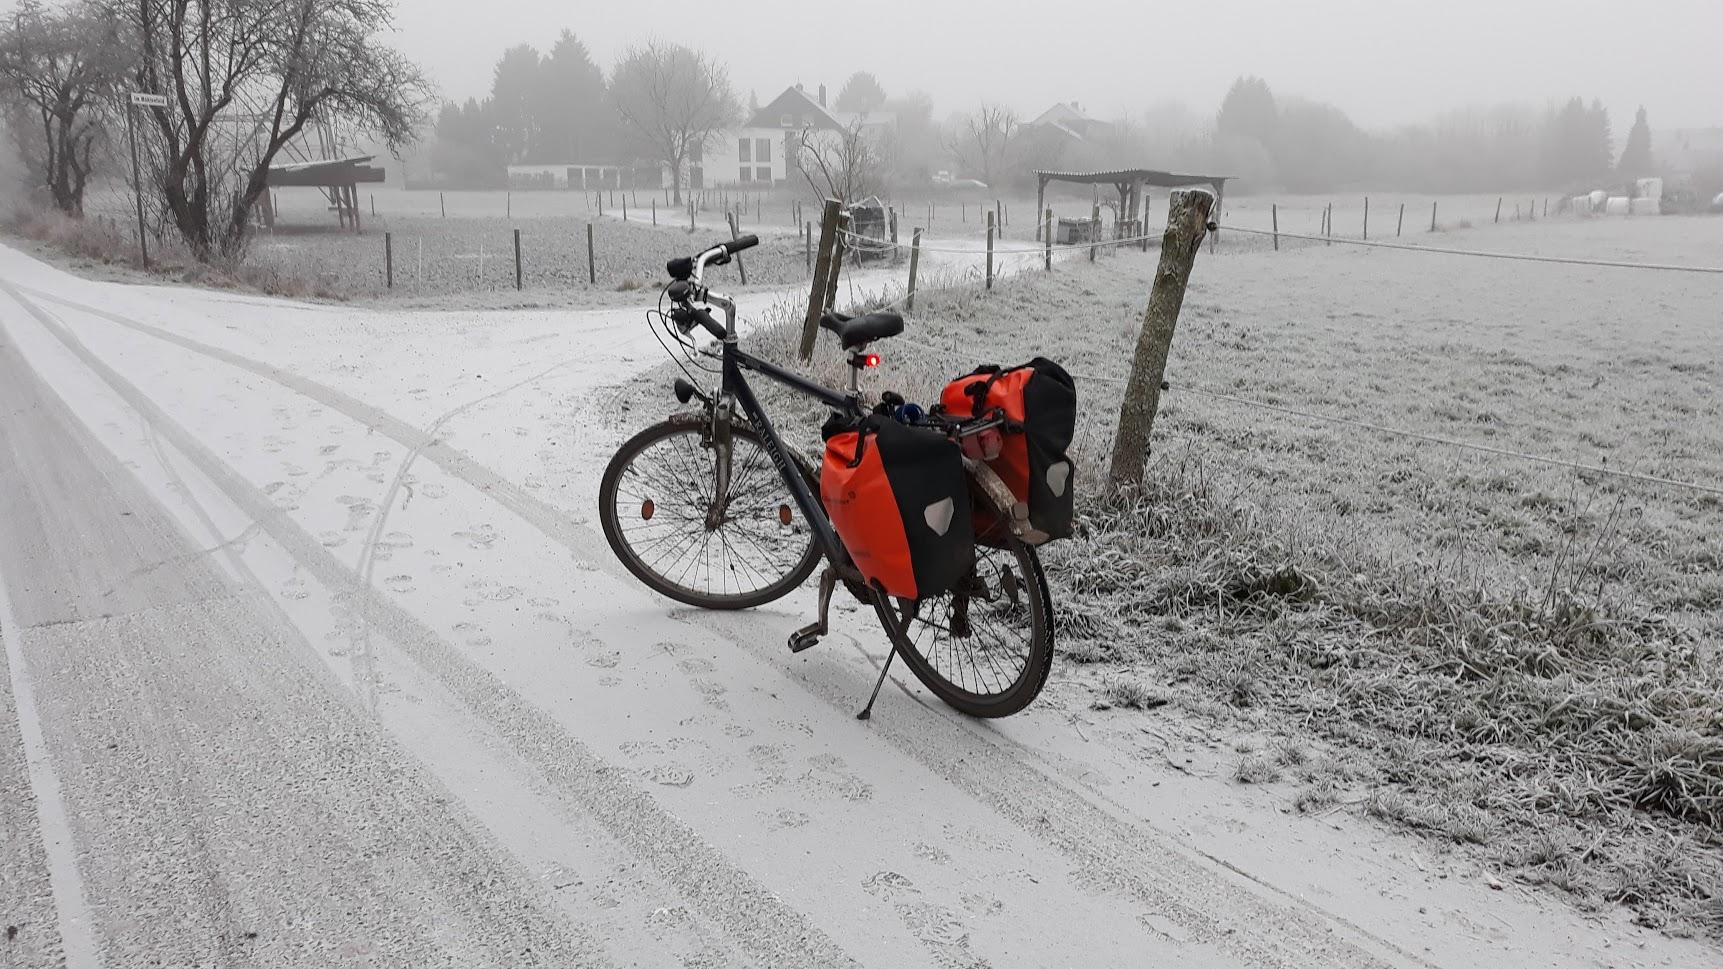 Fahrradfahren im Schnee als Fahrradpendler im Winter